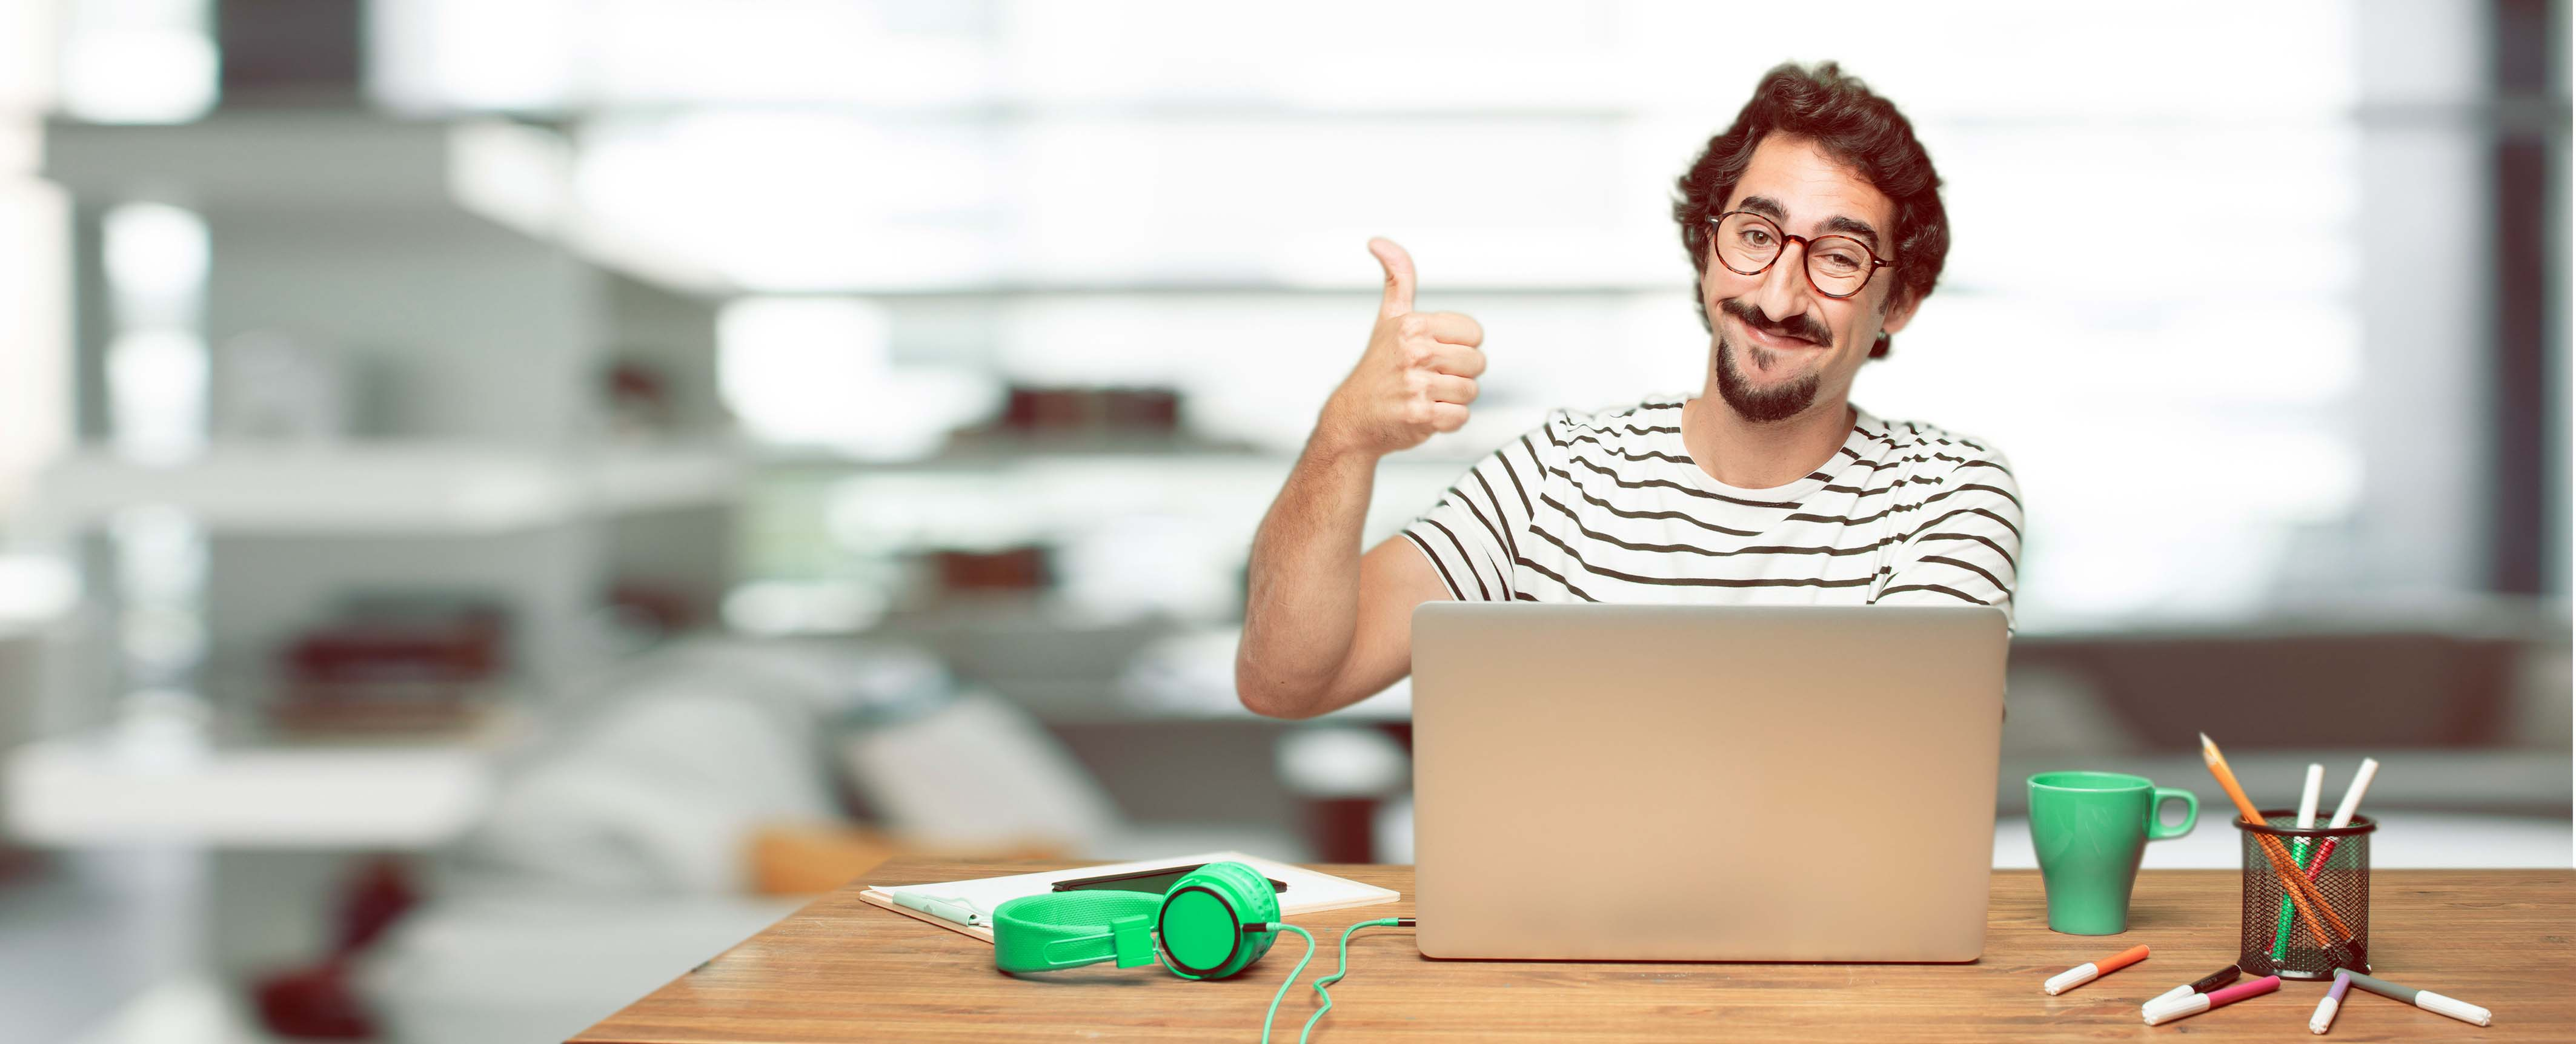 Hombre joven con un computador haciendo visto bueno con su pulgar arriba